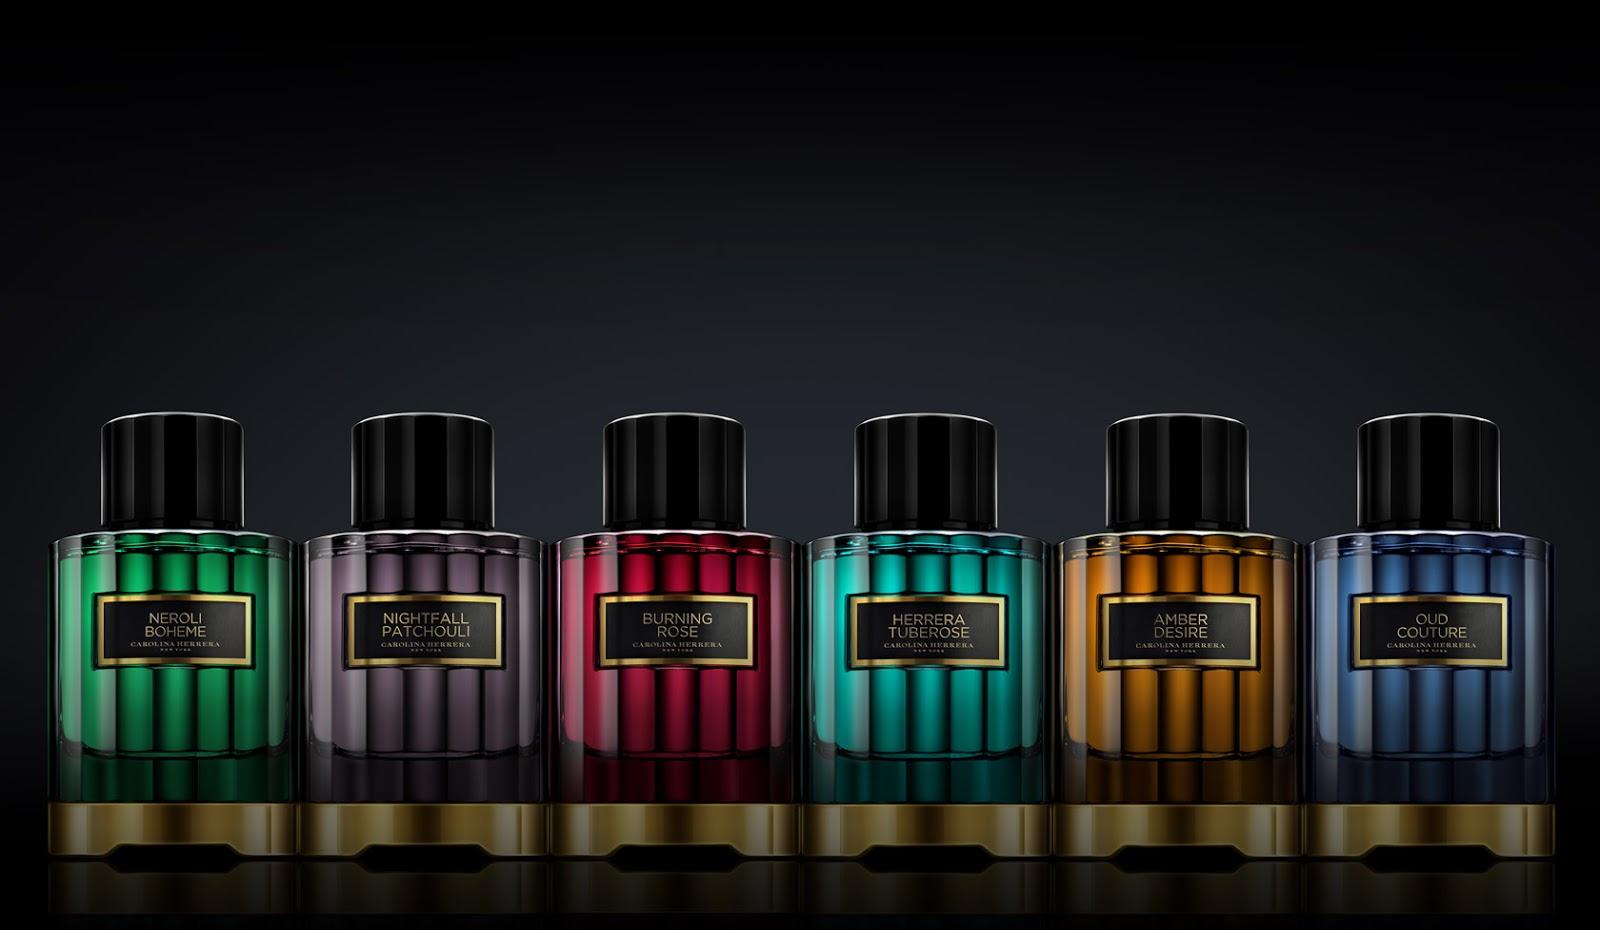 En yi ve Kalc Erkek Parfümleri Listesi 30 Güzel Parfüm Önerisi Dünyann En Pahal Parfümleri ( En Beenilen Kadn Parfüm-Erkek Dünyann en pahal 10 parfümü - Sayfa 1 - Galeri - Yaam